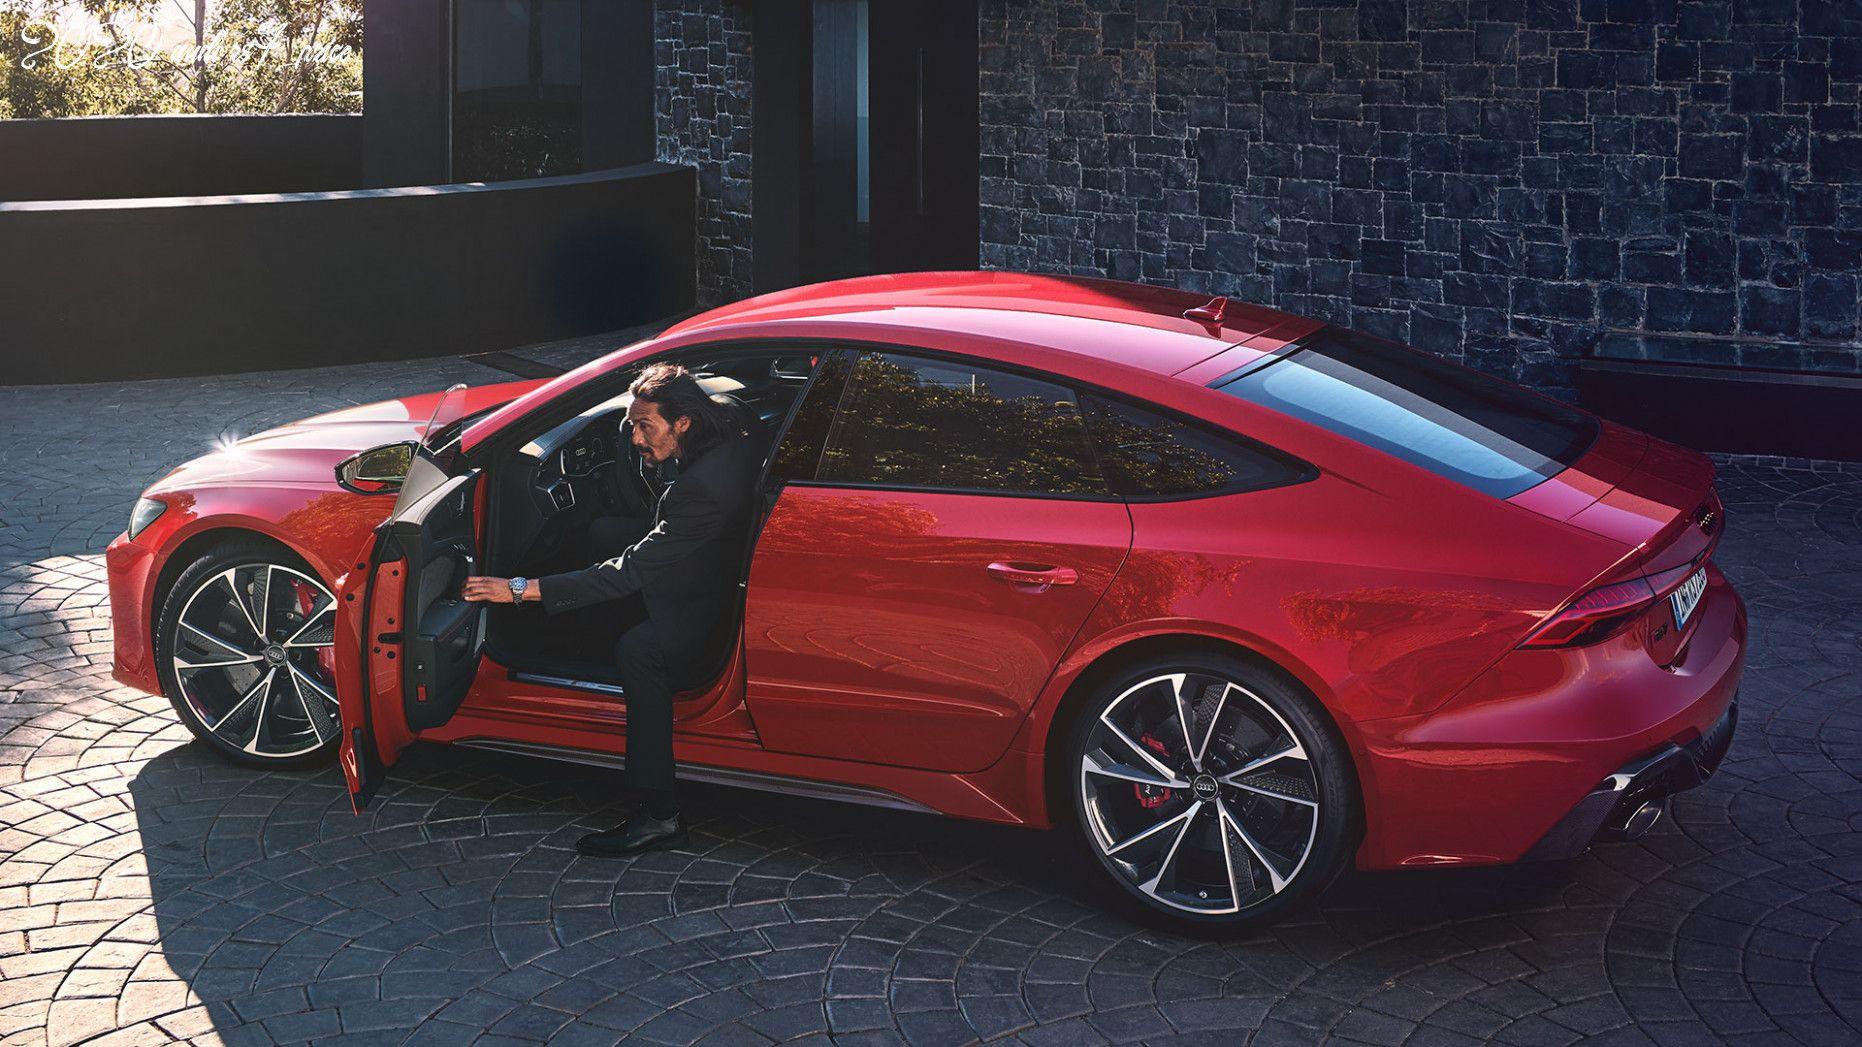 2020 Audi Rs7 Price In 2020 Audi Rs7 Price Audi Rs7 Sportback Audi